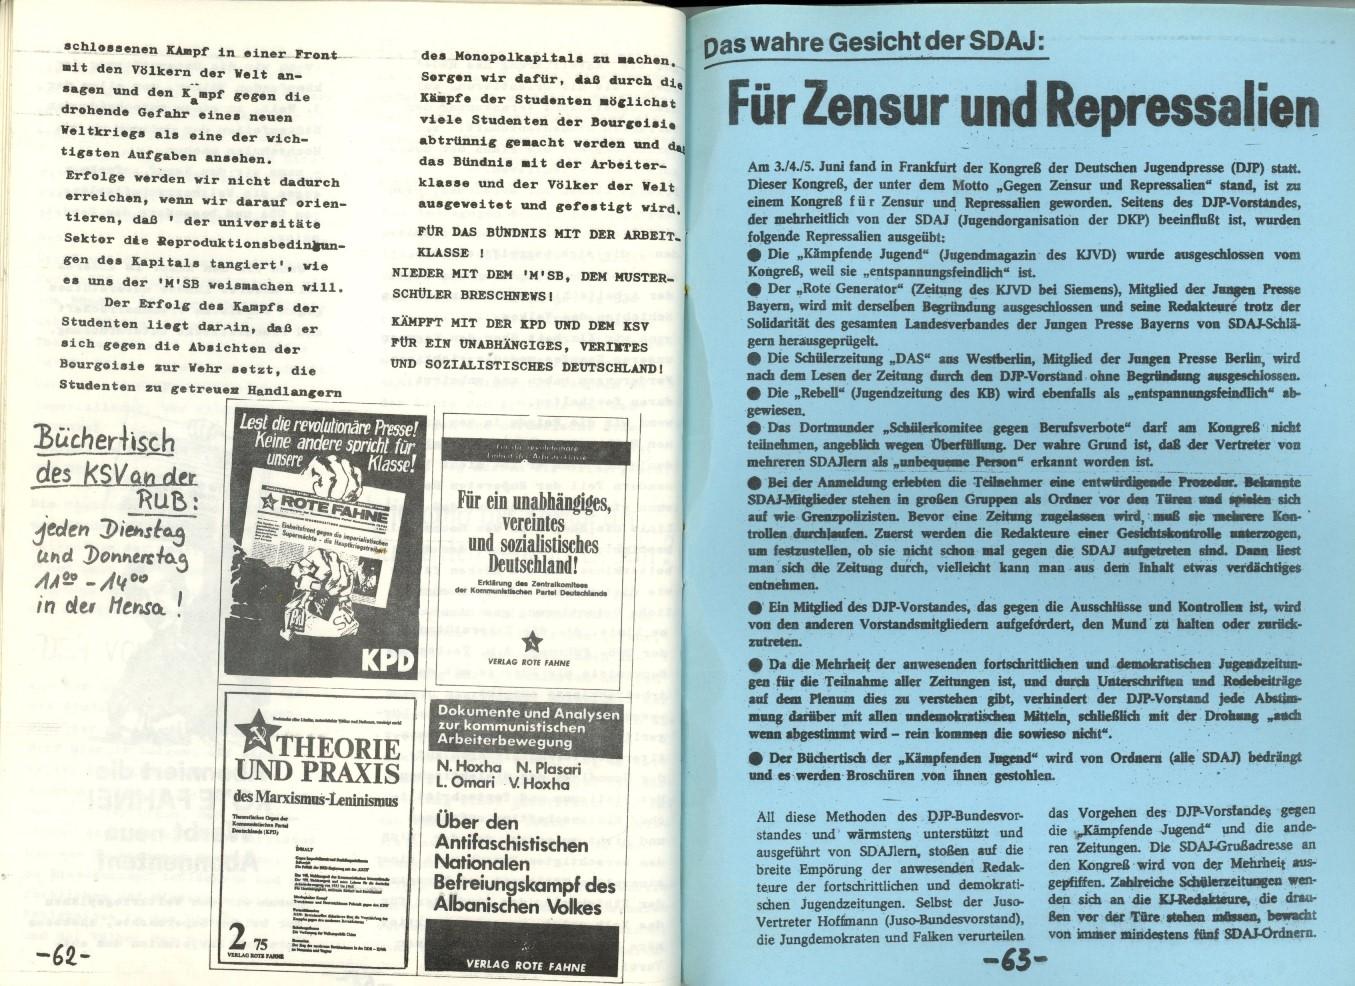 NRW_KSV_1977_Doku_zu_den_AStA_Wahlen_Nr_2_32